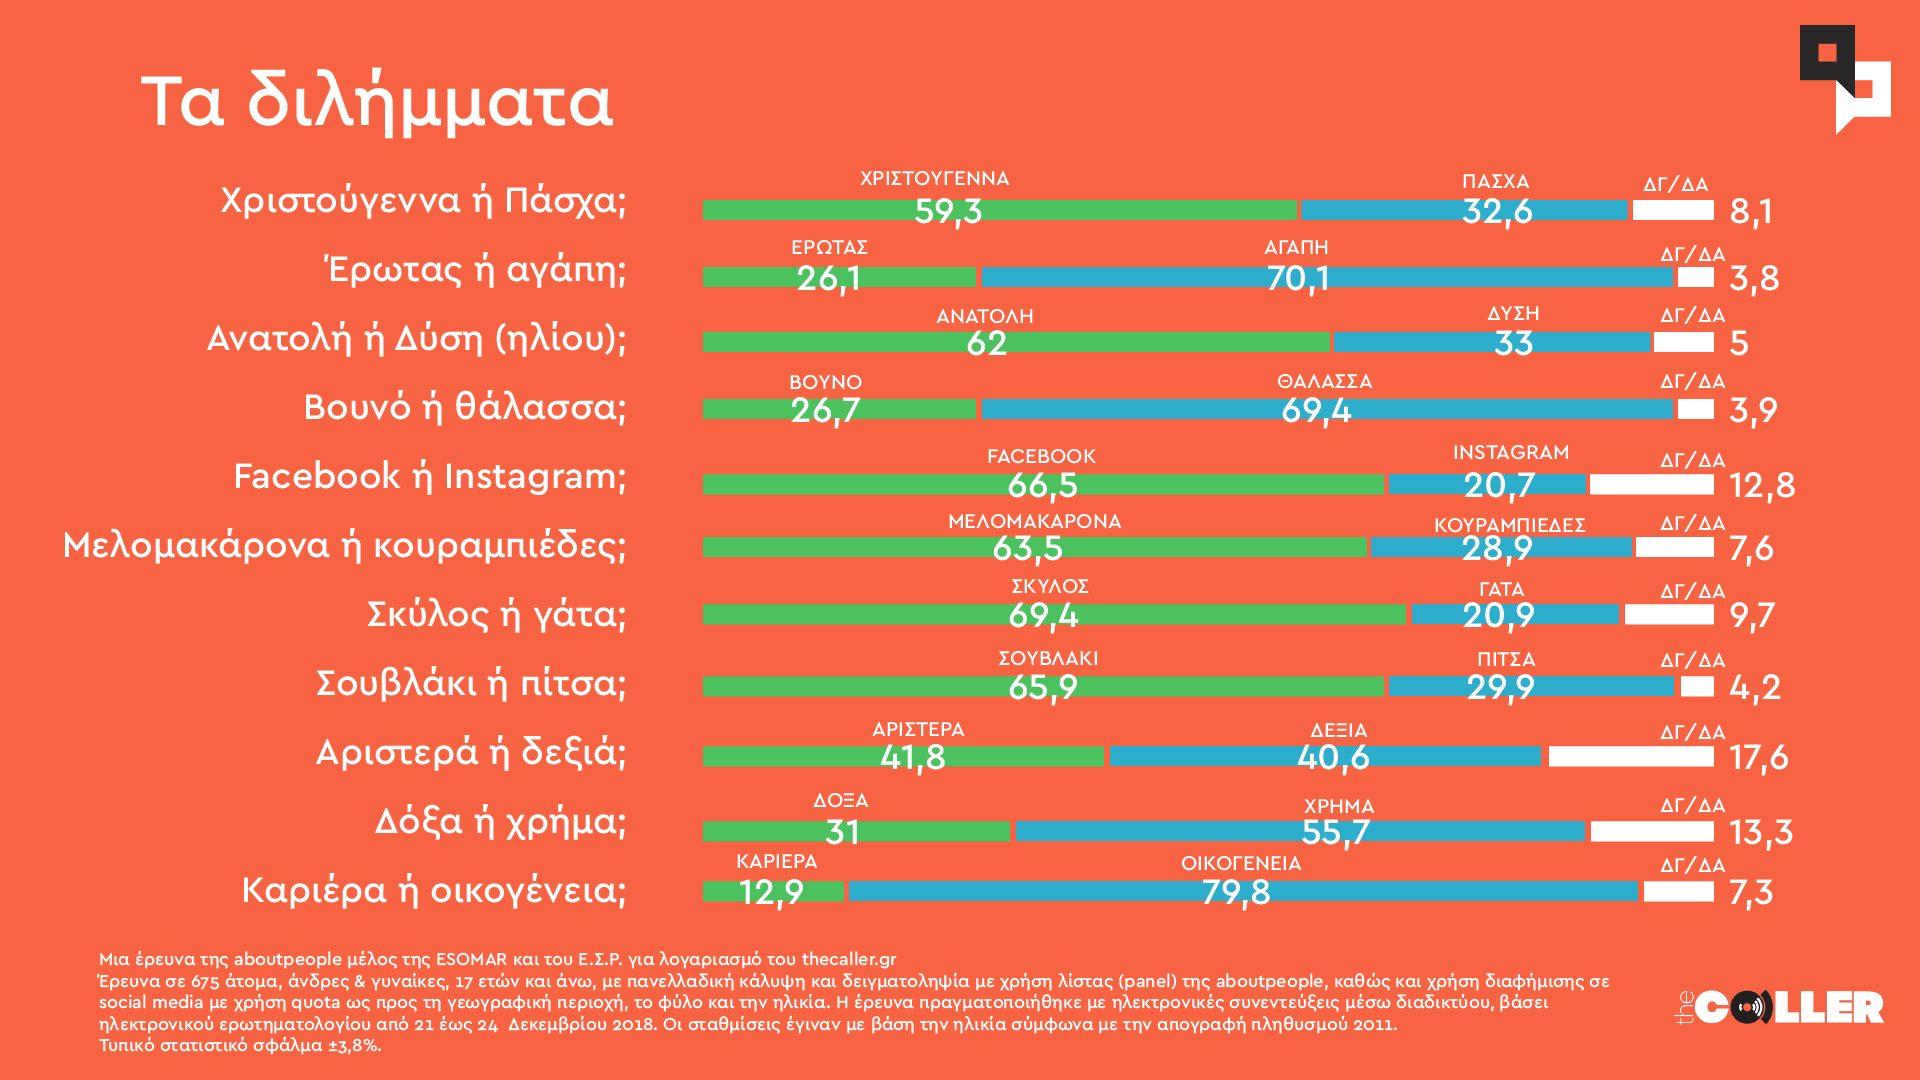 Τα 10+1 διλήμματα των Ελλήνων: Τι κατέγραψε η έρευνα της aboutpeople για το Τhe Caller